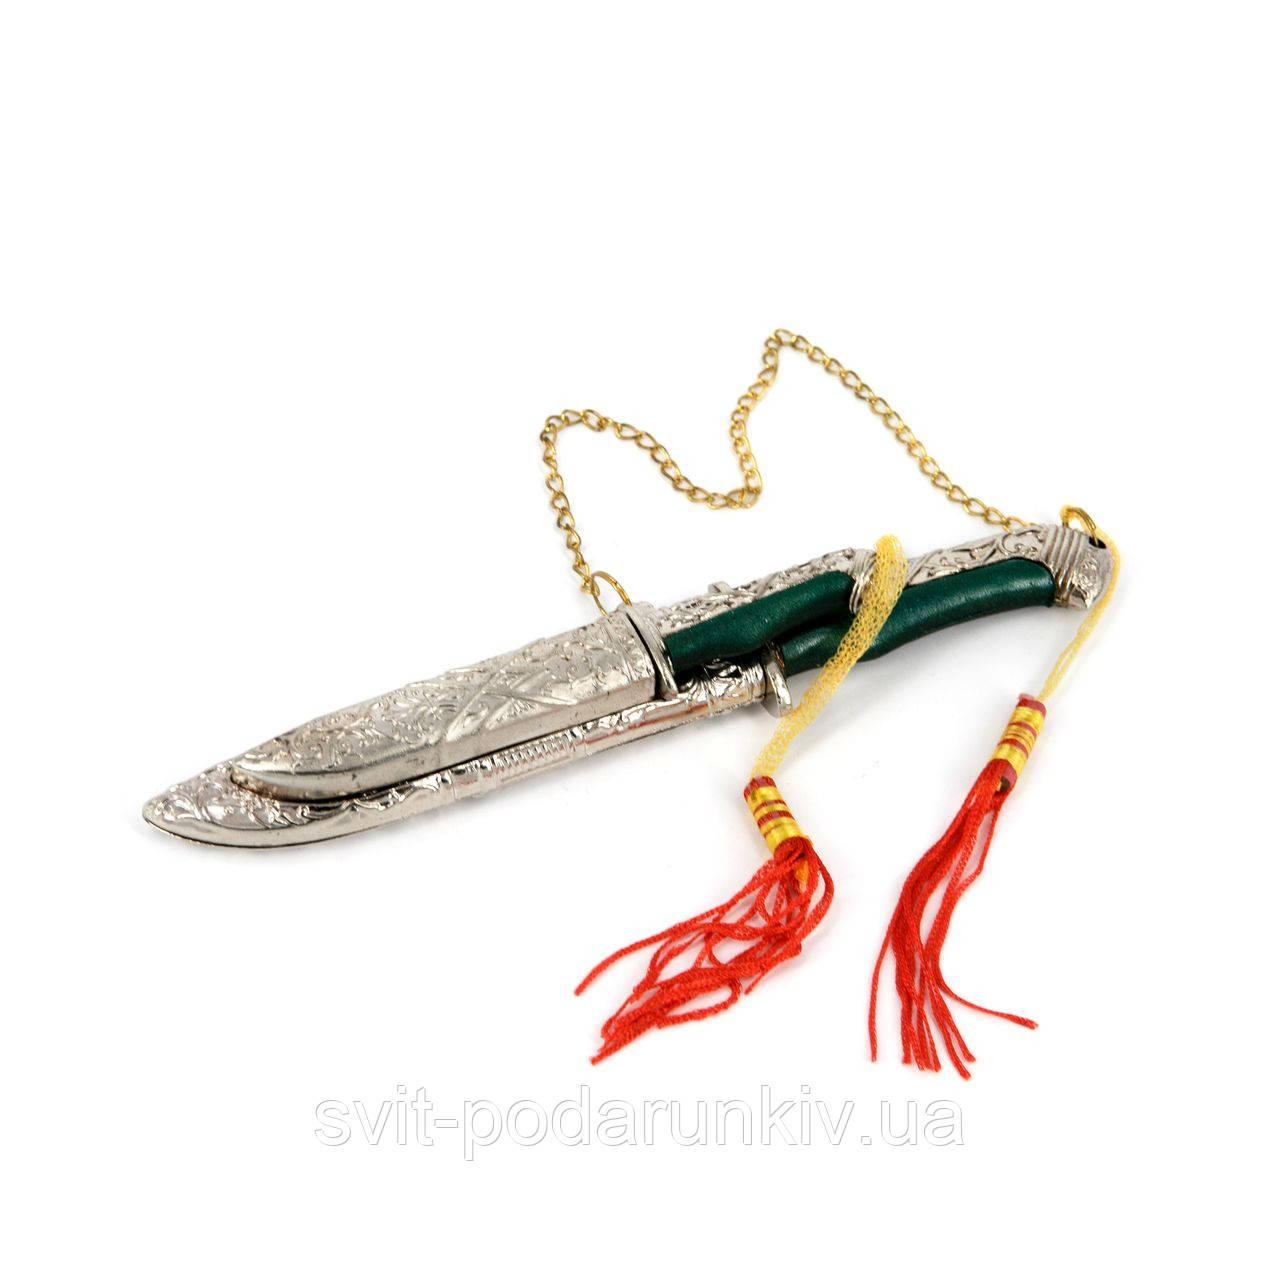 Кинжал декоративный сувенирный нож подарочный 002